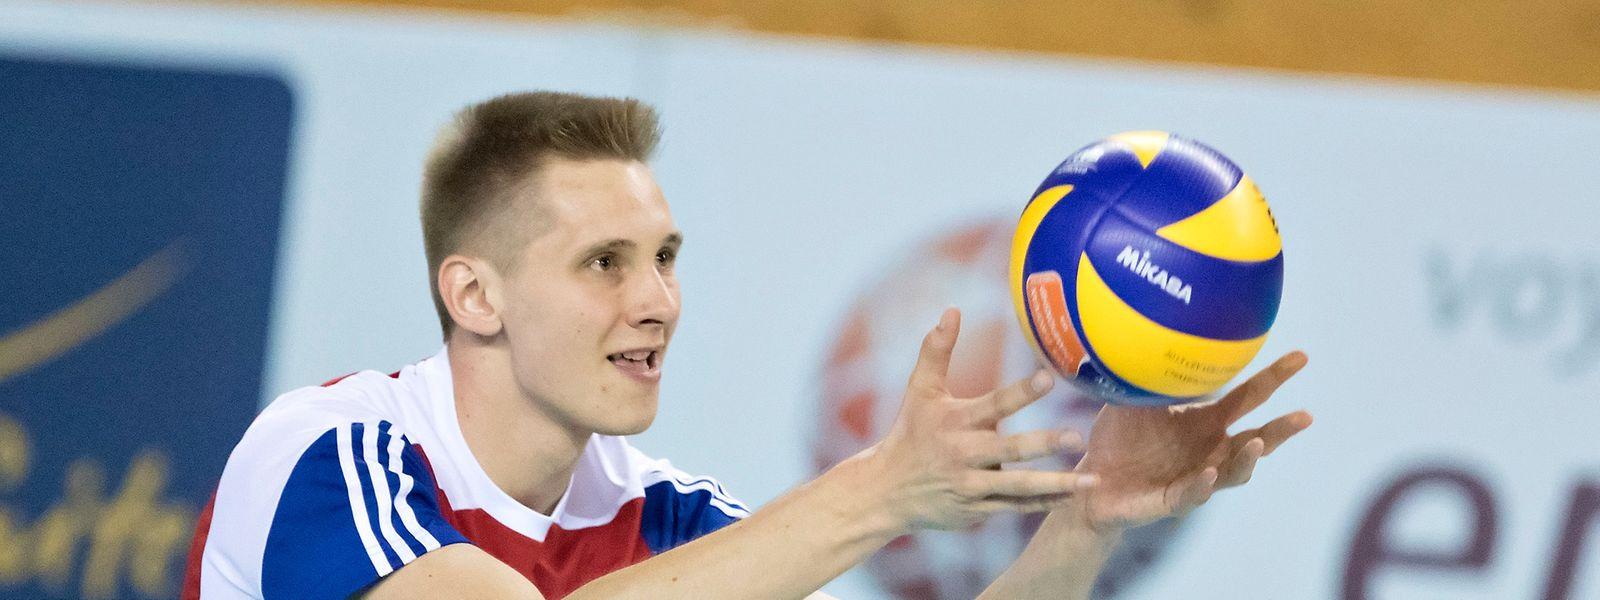 Chris Zuidberg und die Luxemburger Nationalmannschaft wussten zu überzeugen.